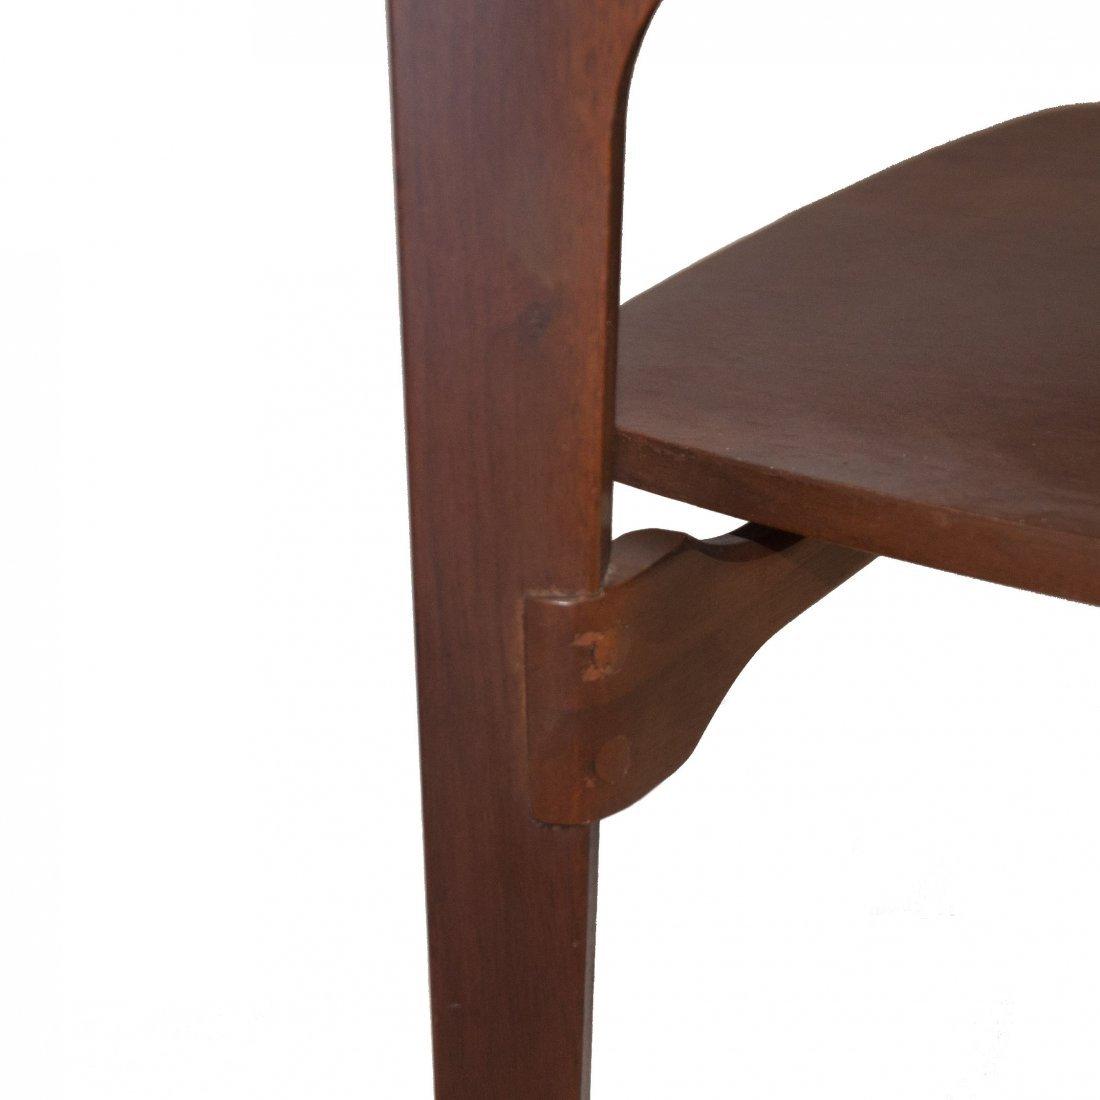 MCM Italian Bertha Schaefer Modern Side Table 1950 - 10